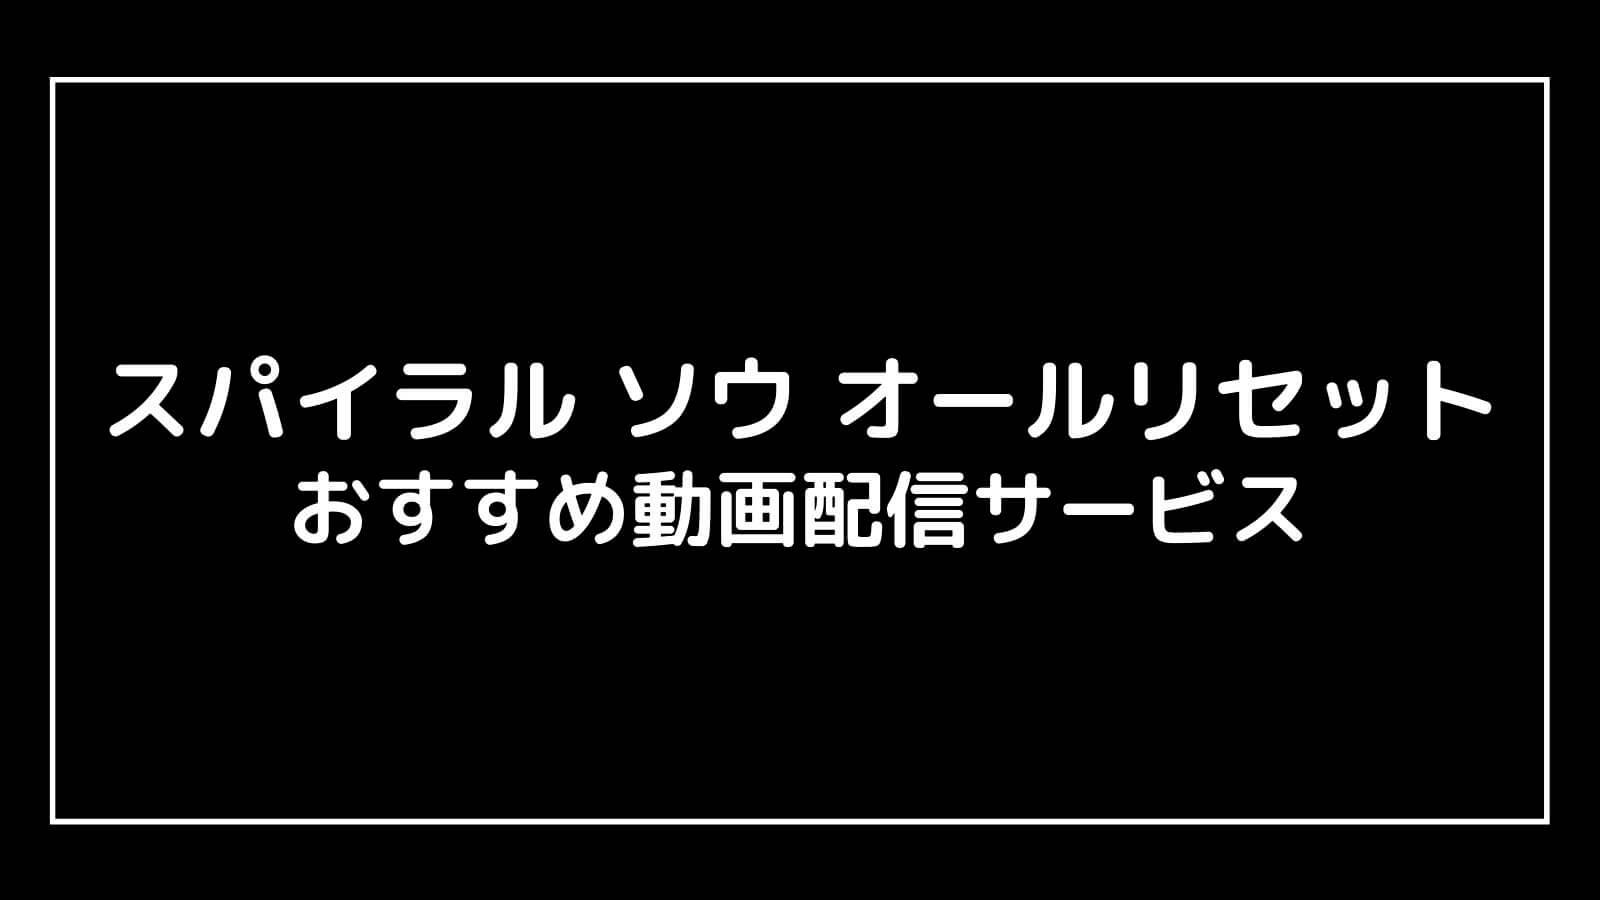 映画『スパイラル ソウ オールリセット』を無料視聴できるおすすめ動画配信サイト